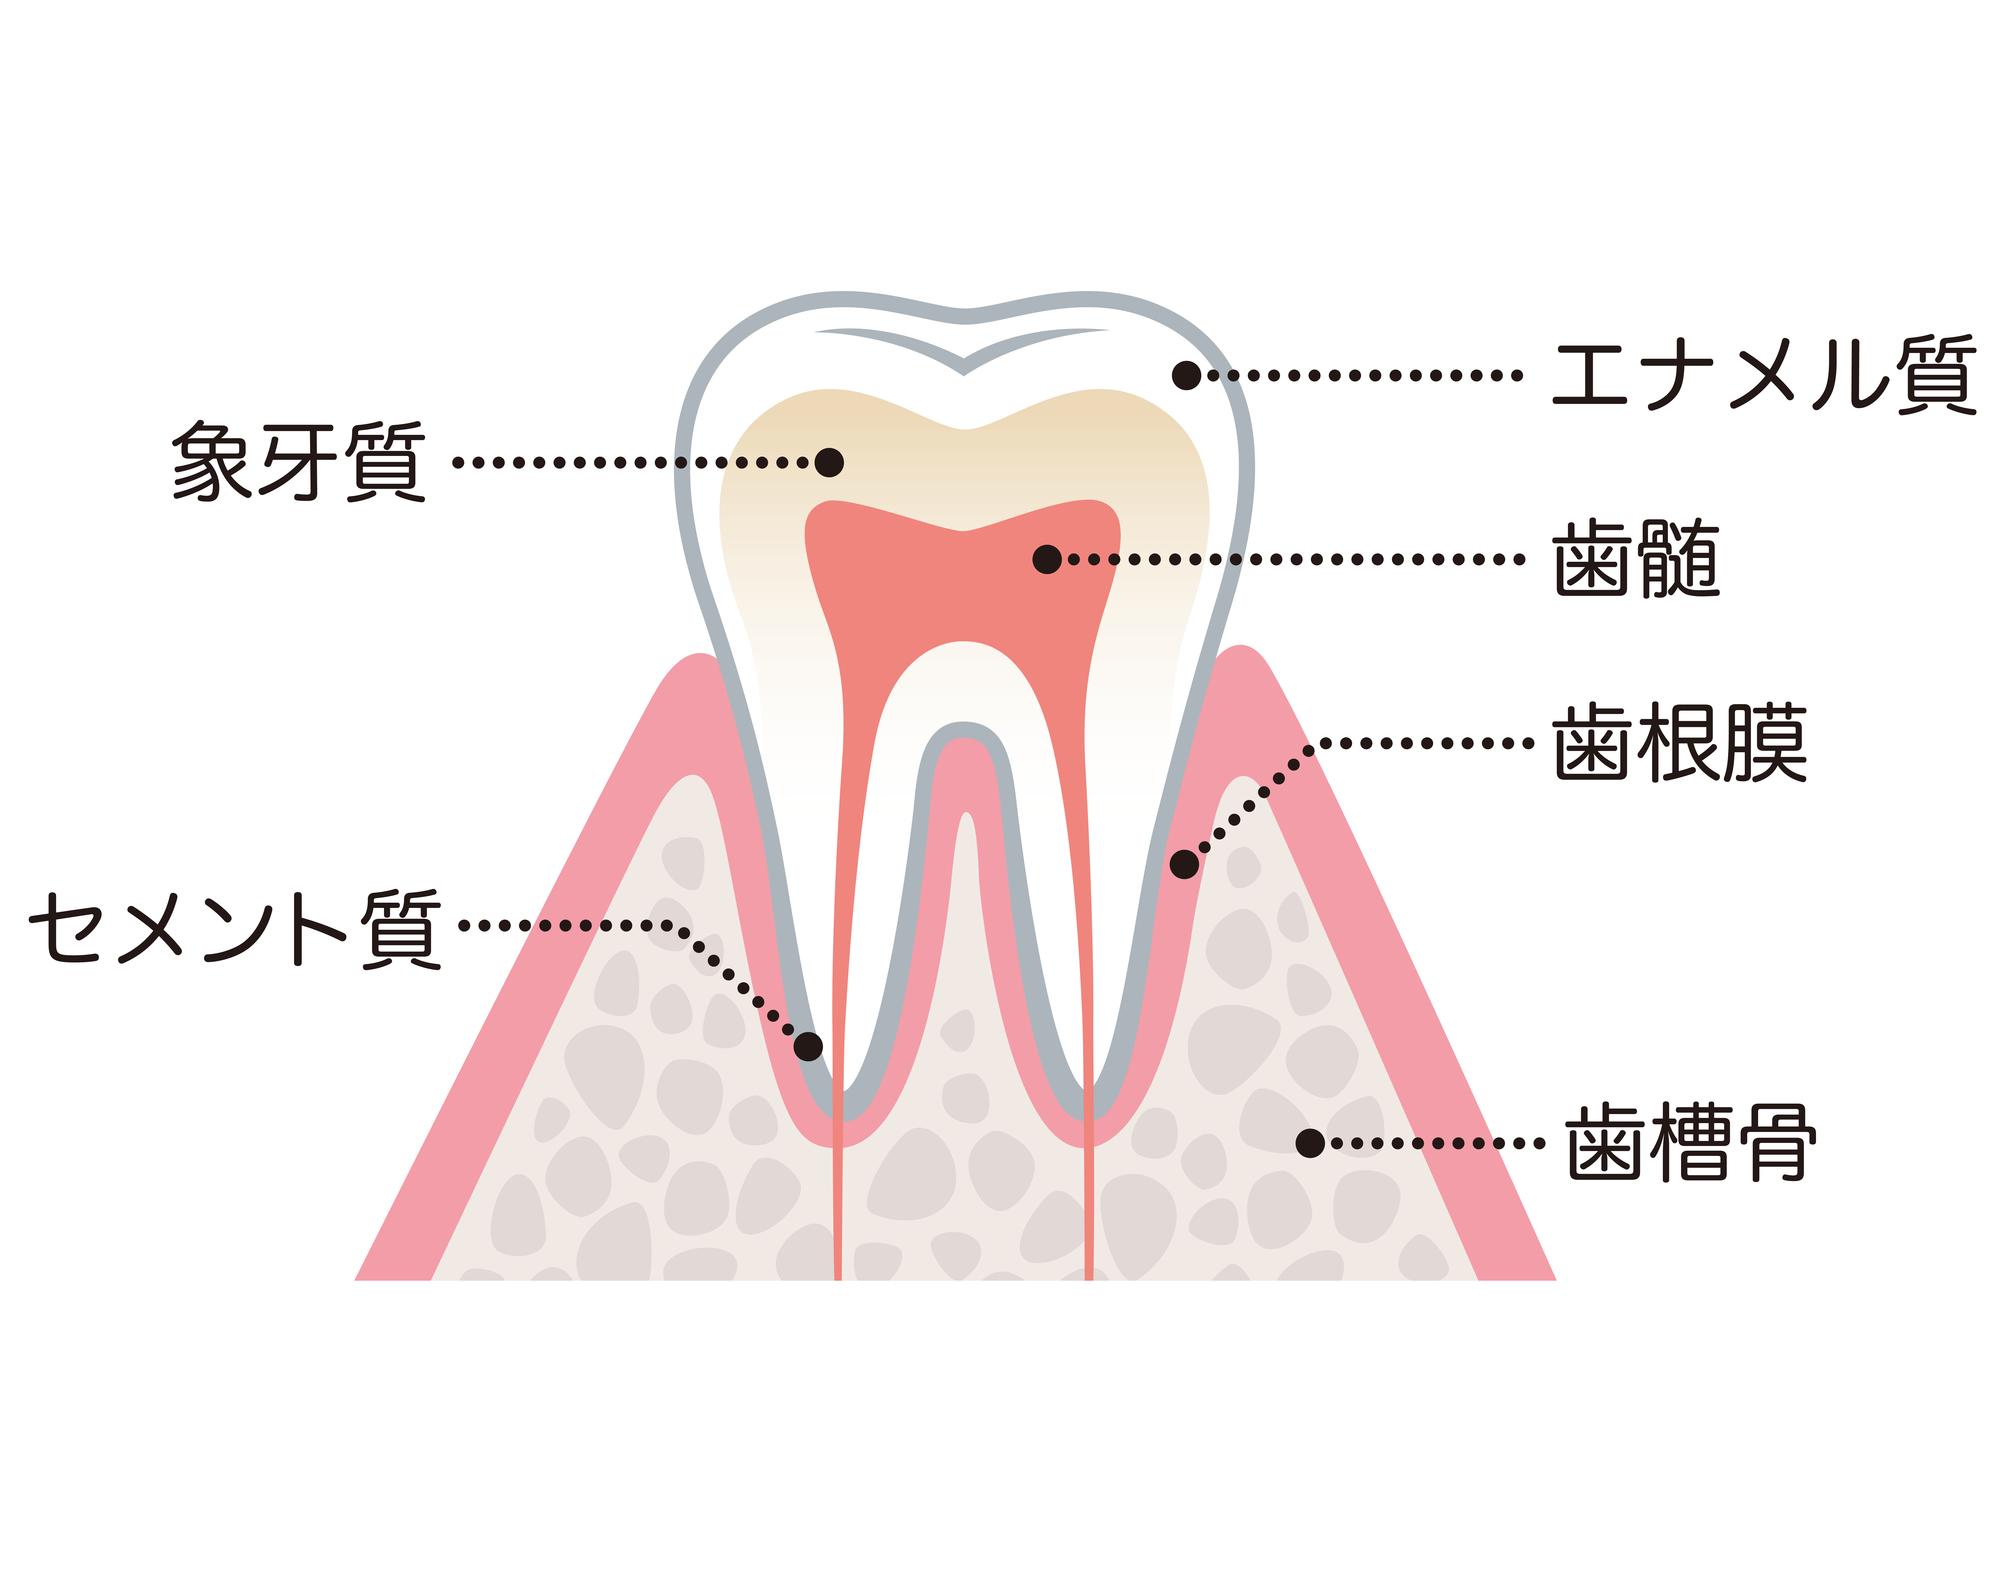 歯周組織の名前が分かるイラスト